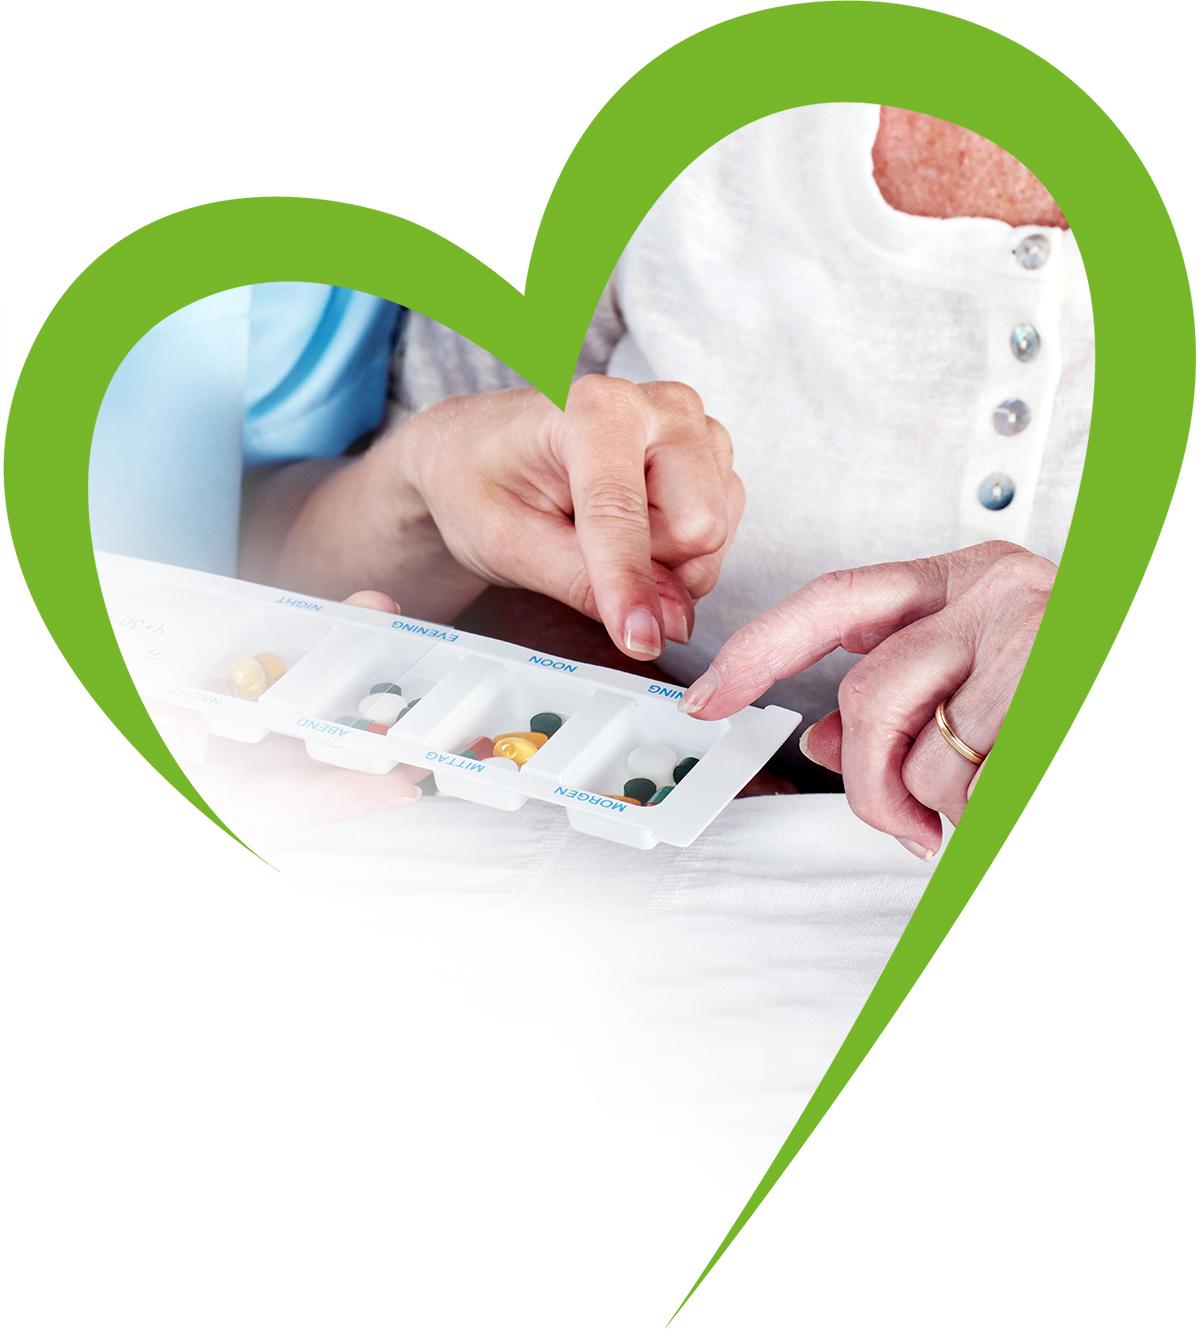 Pflegedienst Langenzenn, Behandlungspflege Langenzenn, Pflege Veitsbronn / Langenzenn